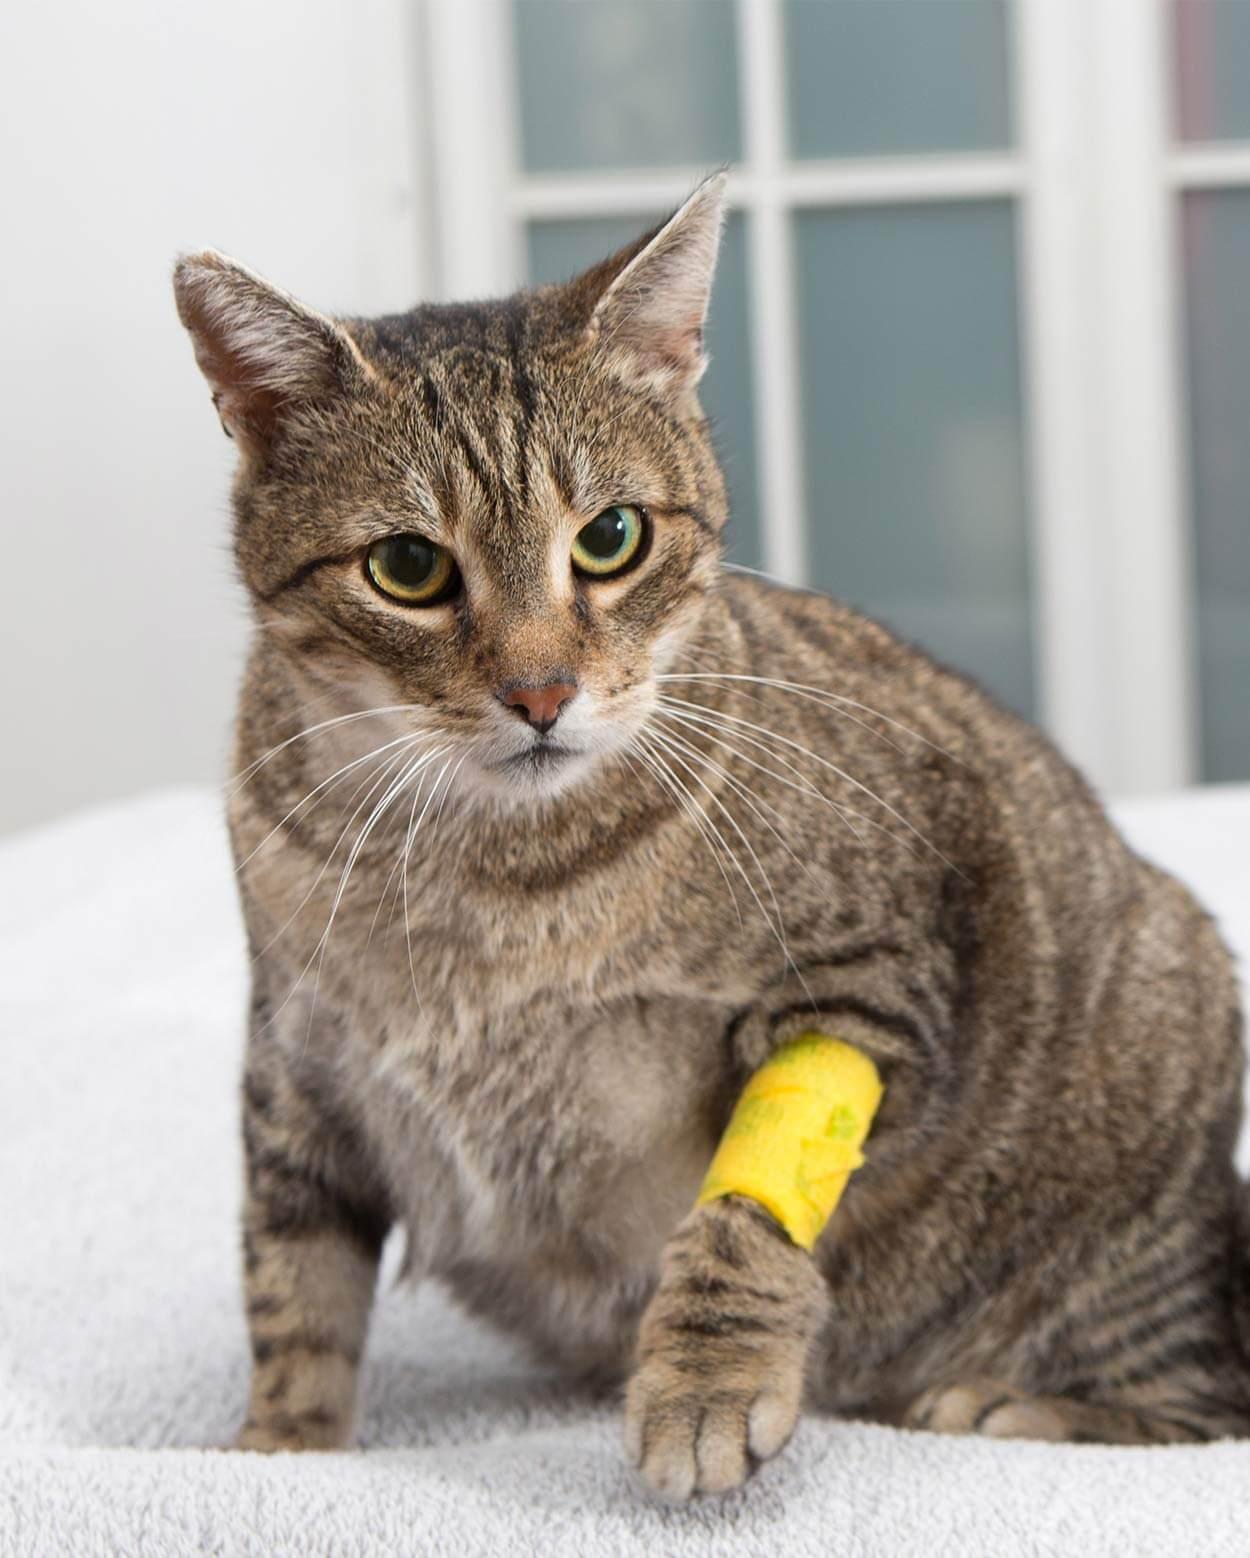 Pertolongan Pertama untuk Kucing yang Terluka